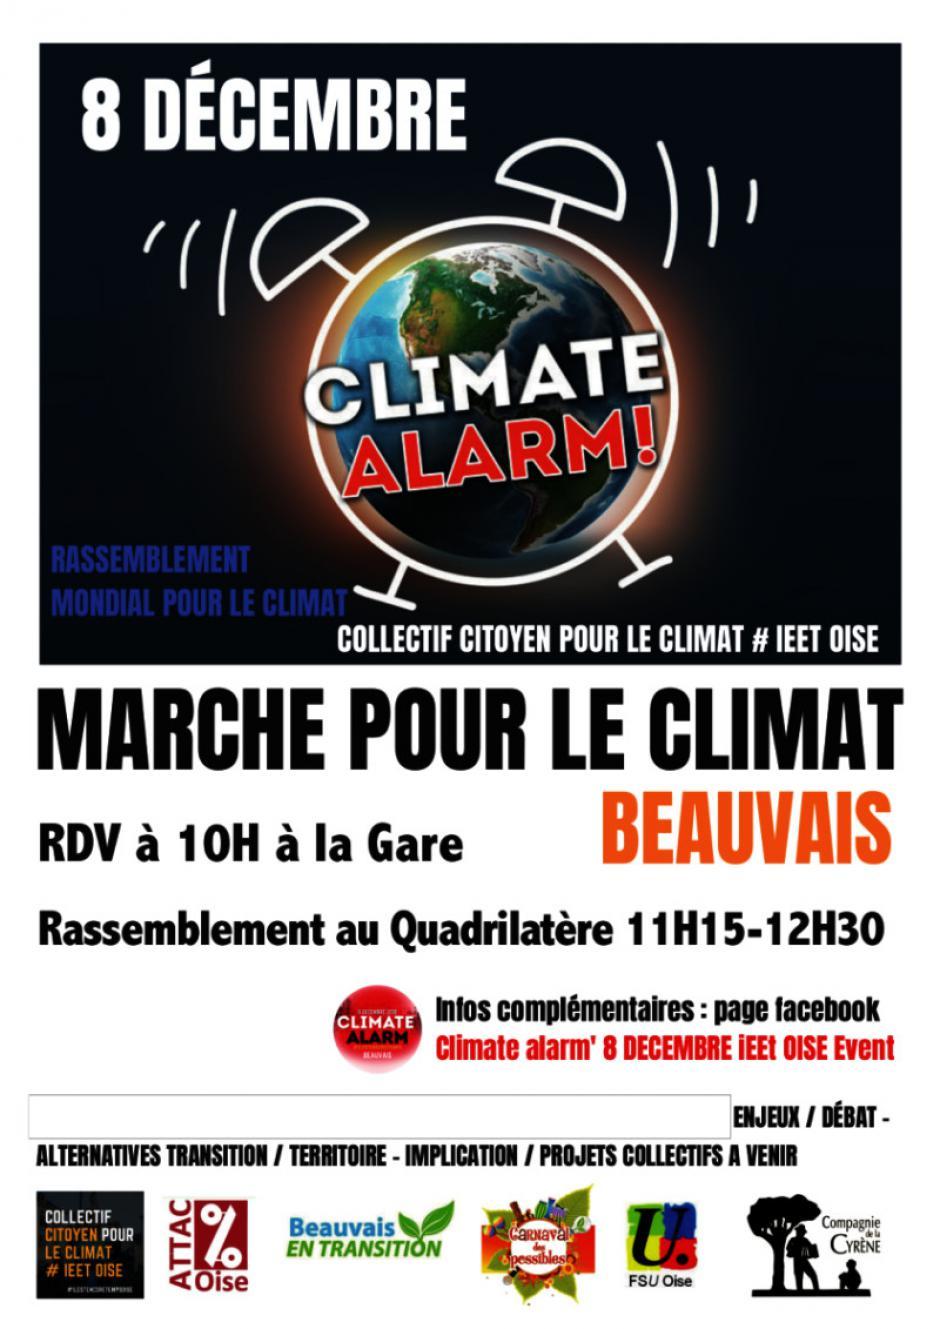 8 décembre, Beauvais - Rassemblement mondial et solidaire pour le climat